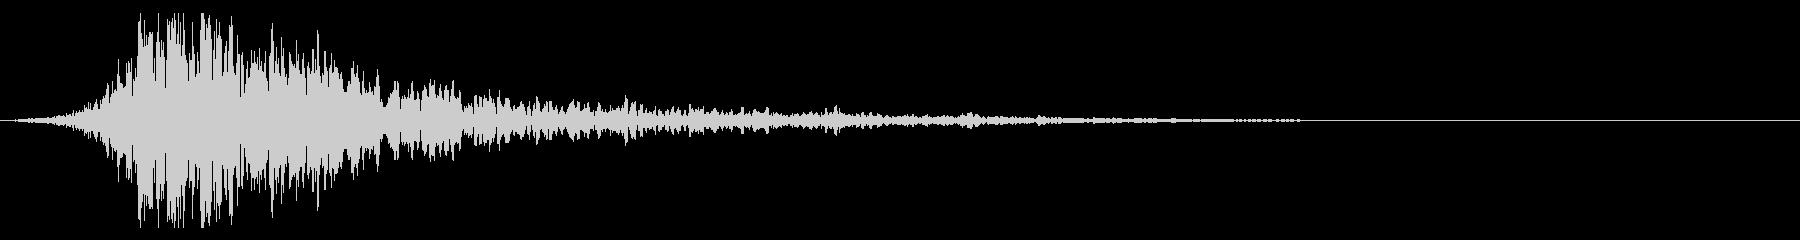 シュードーン-38-1(インパクト音)の未再生の波形